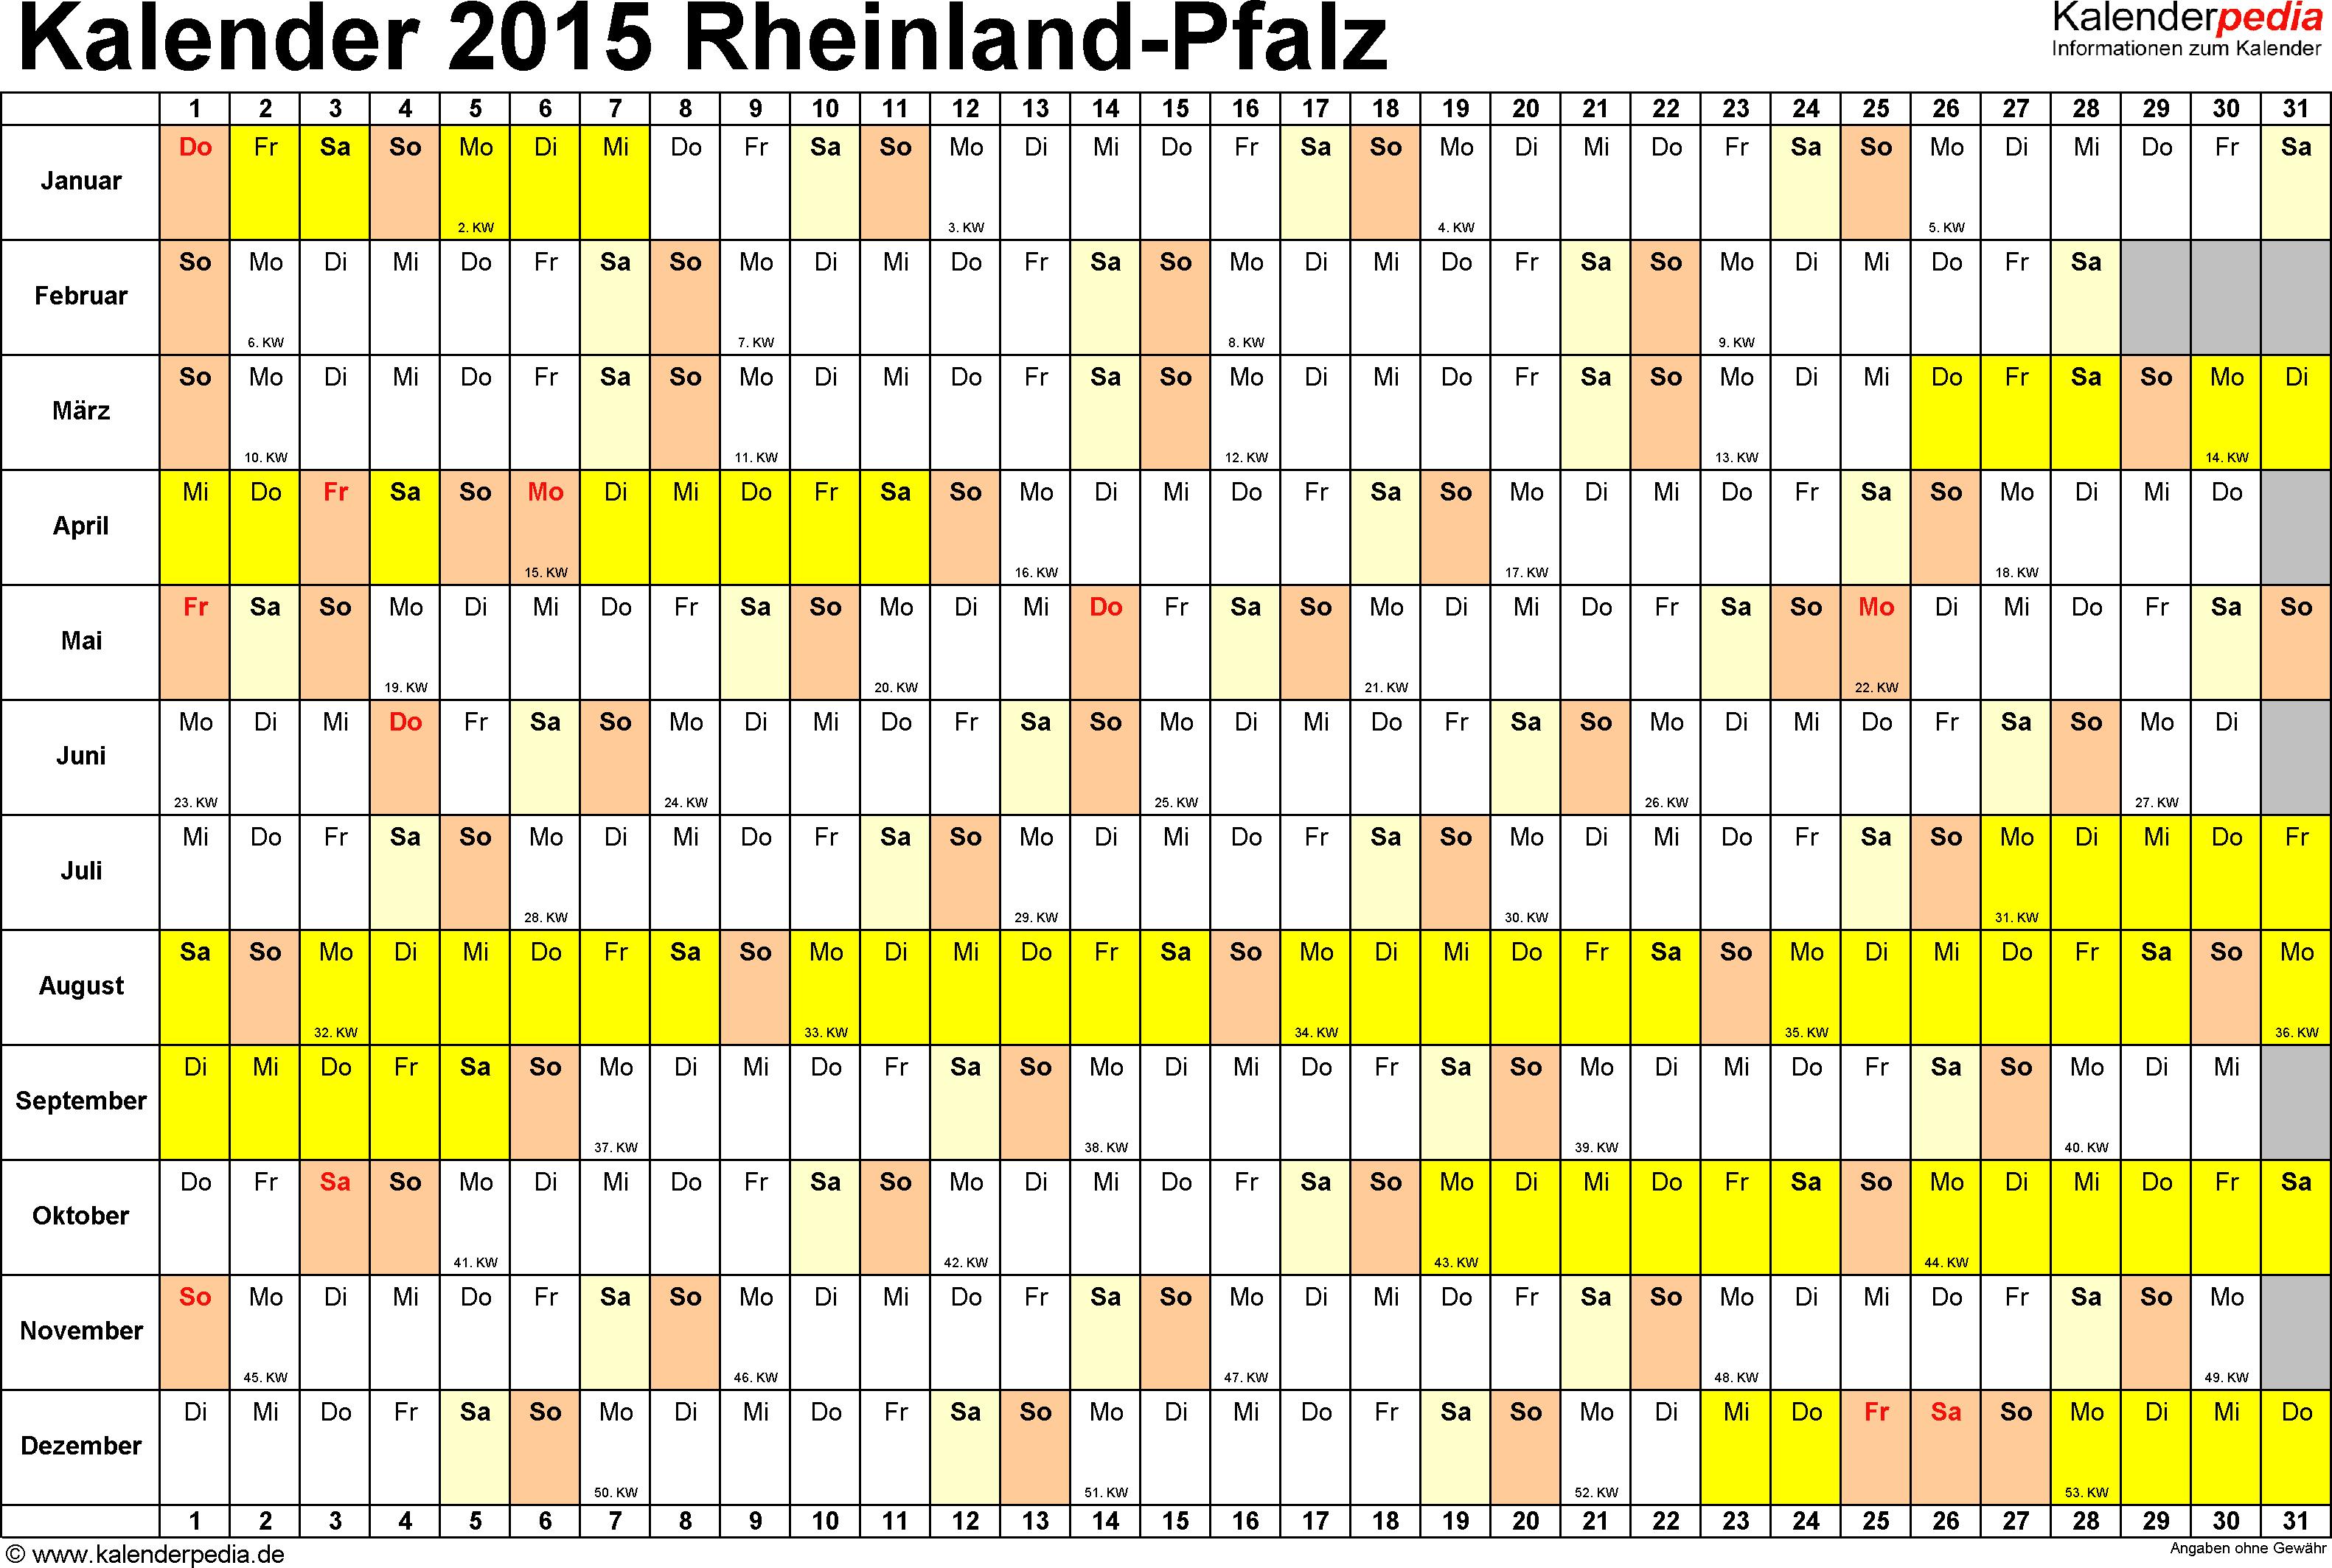 Vorlage 3: Kalender Rheinland-Pfalz 2015 im Querformat, Tage nebeneinander